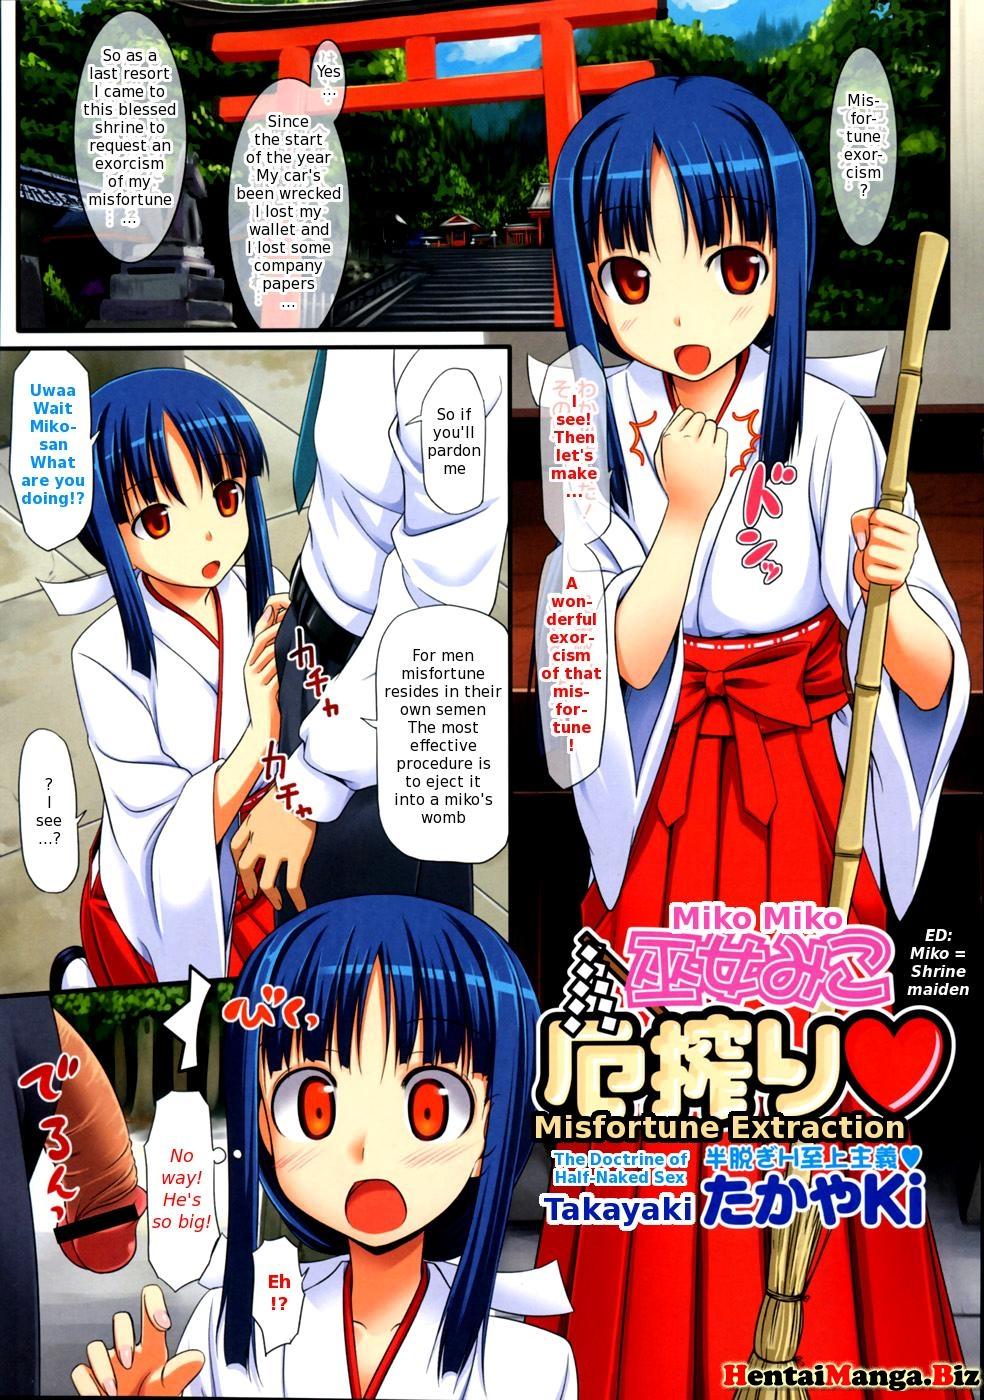 Hentai Manga - Takayaki - Miko Miko Misfortune Extraction [ENG][Short]-Read-Hentai-Manga-Onlnie